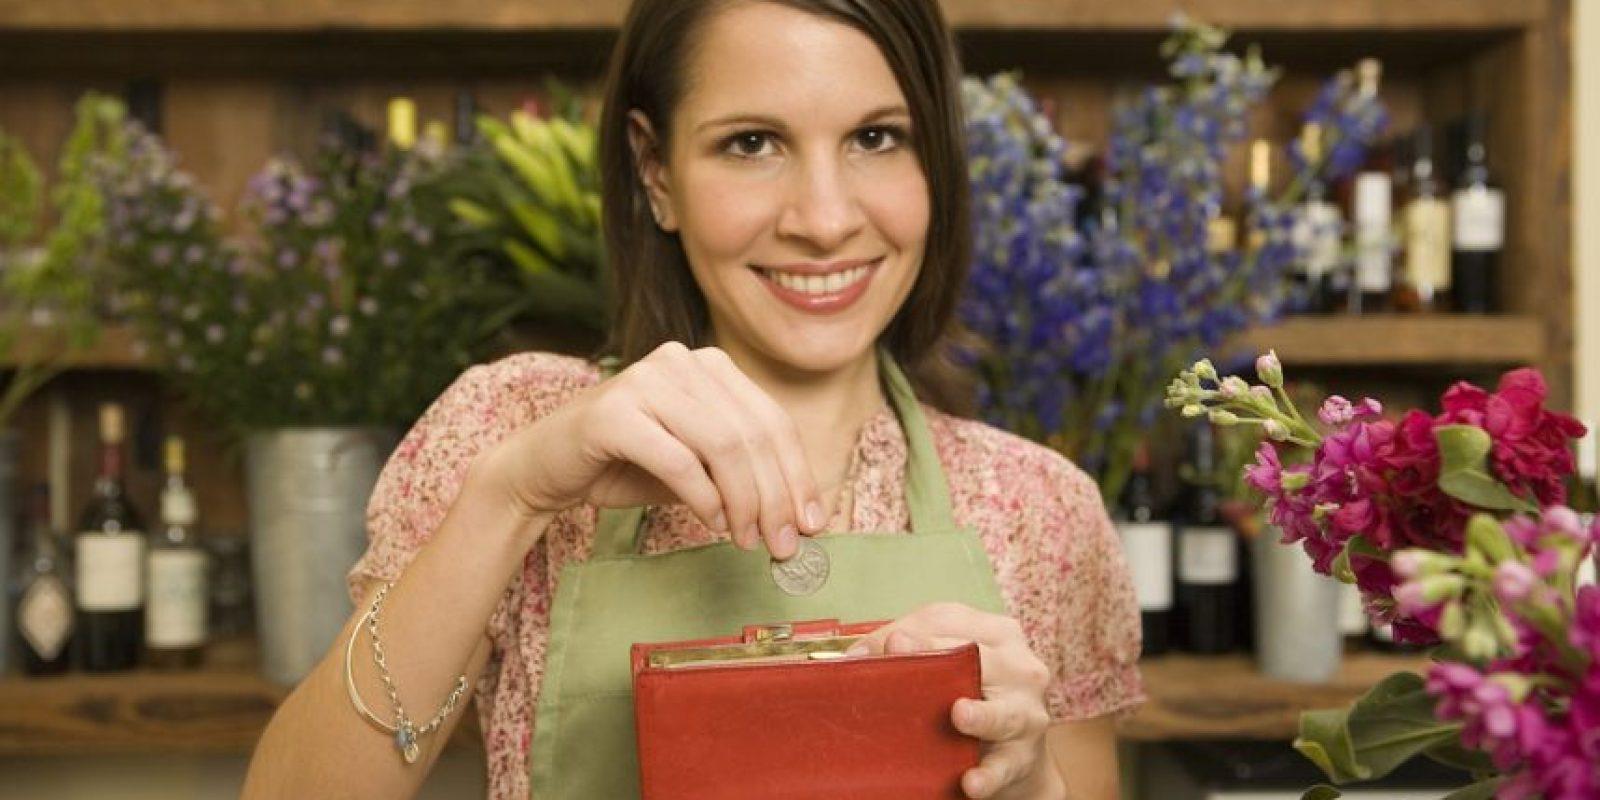 El efectivo es vital en tiempos difíciles Foto:http://www.thinkstockphotos.com. Imagen Por: